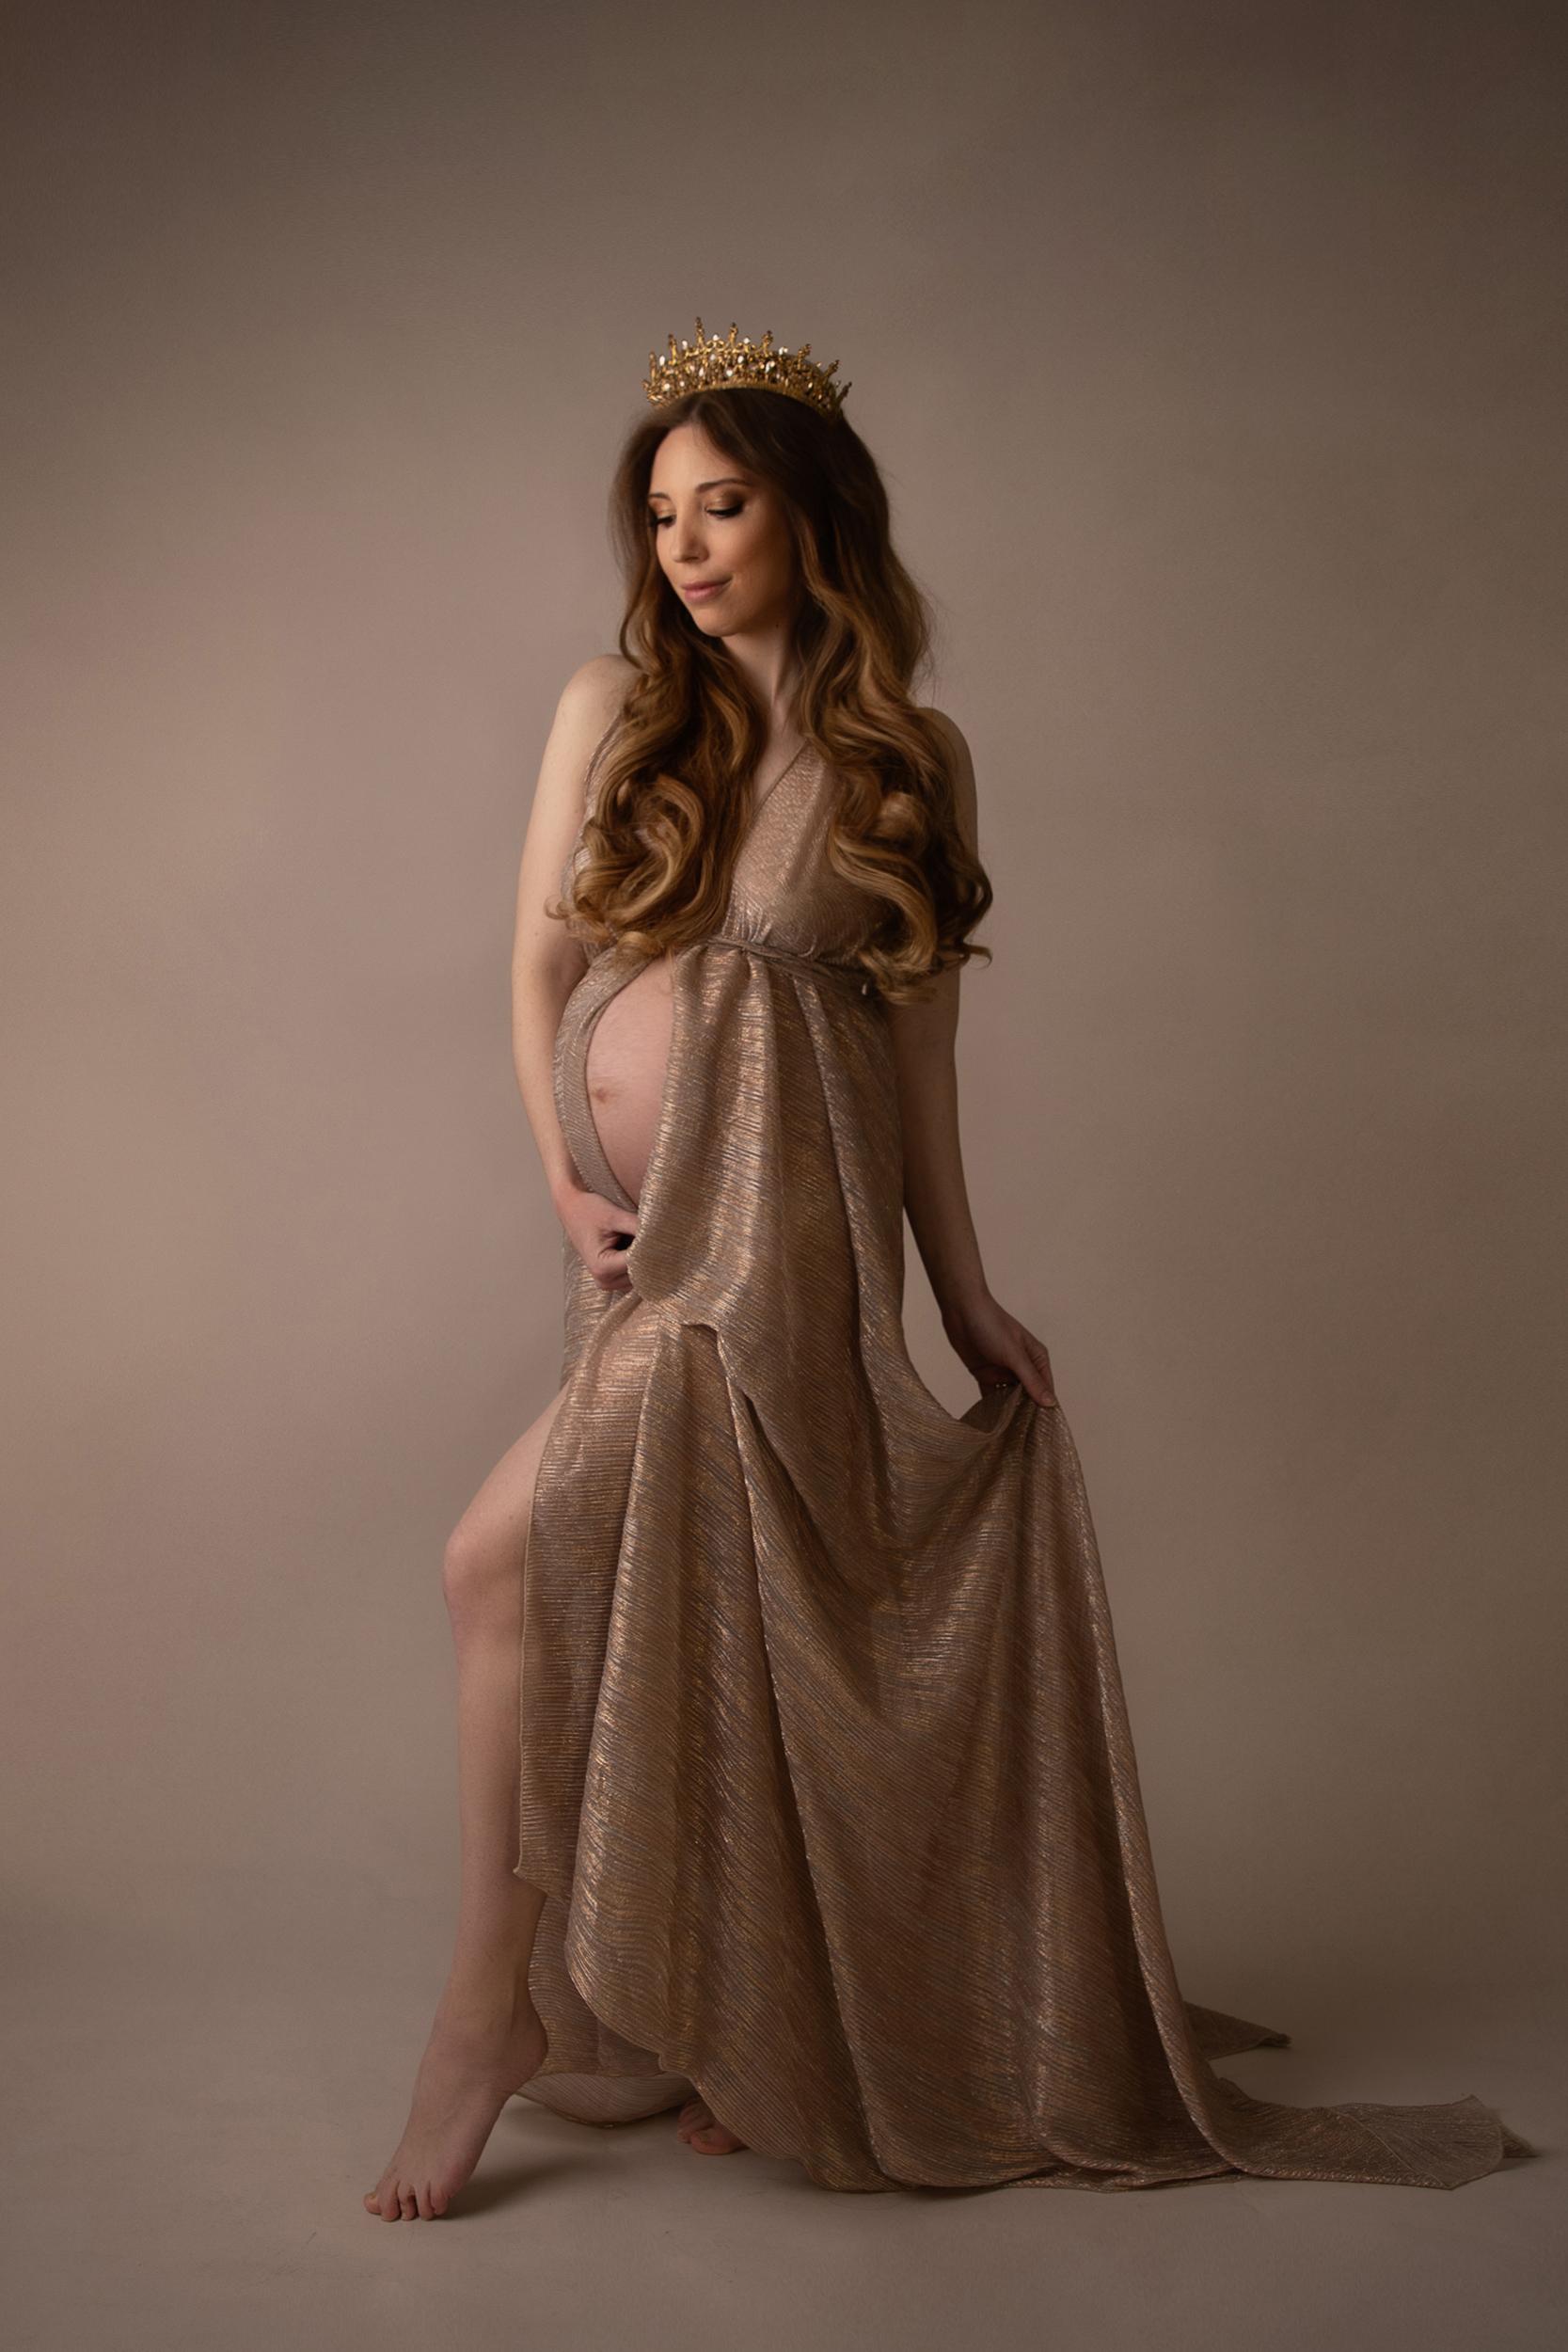 Schwangere Frau mit Krone